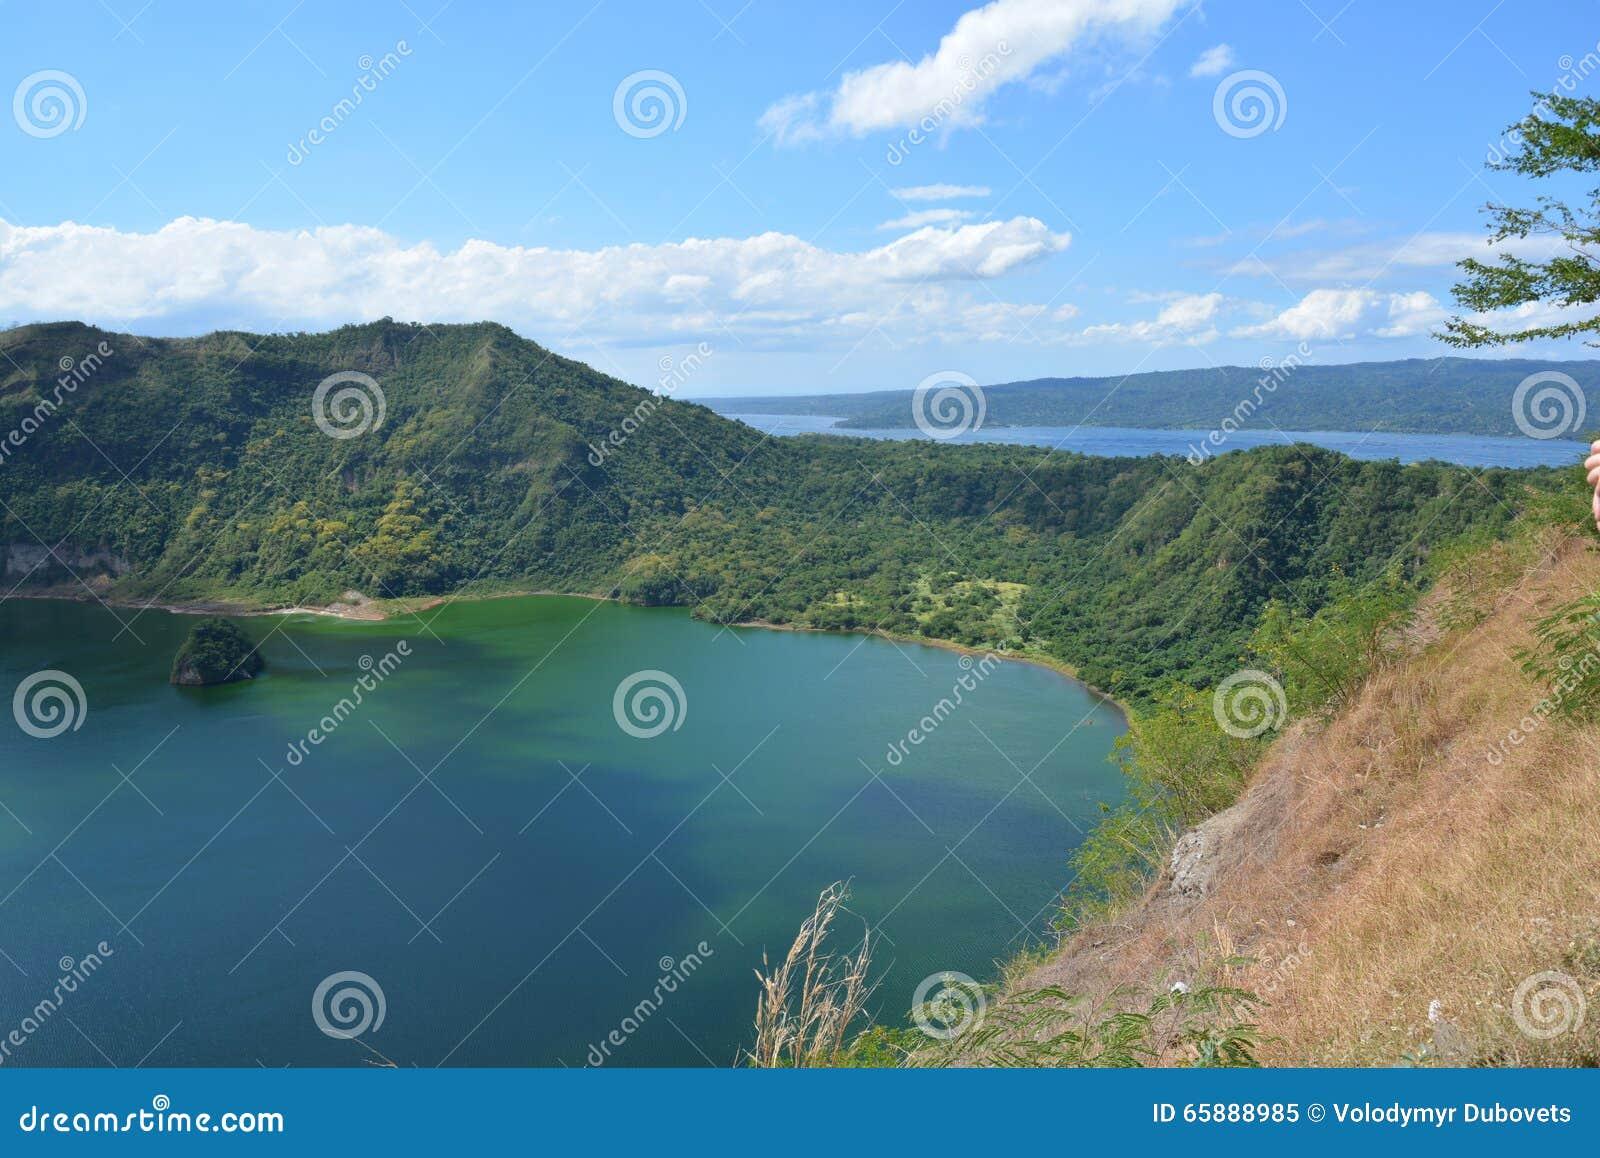 Philippines, Luzon Island.